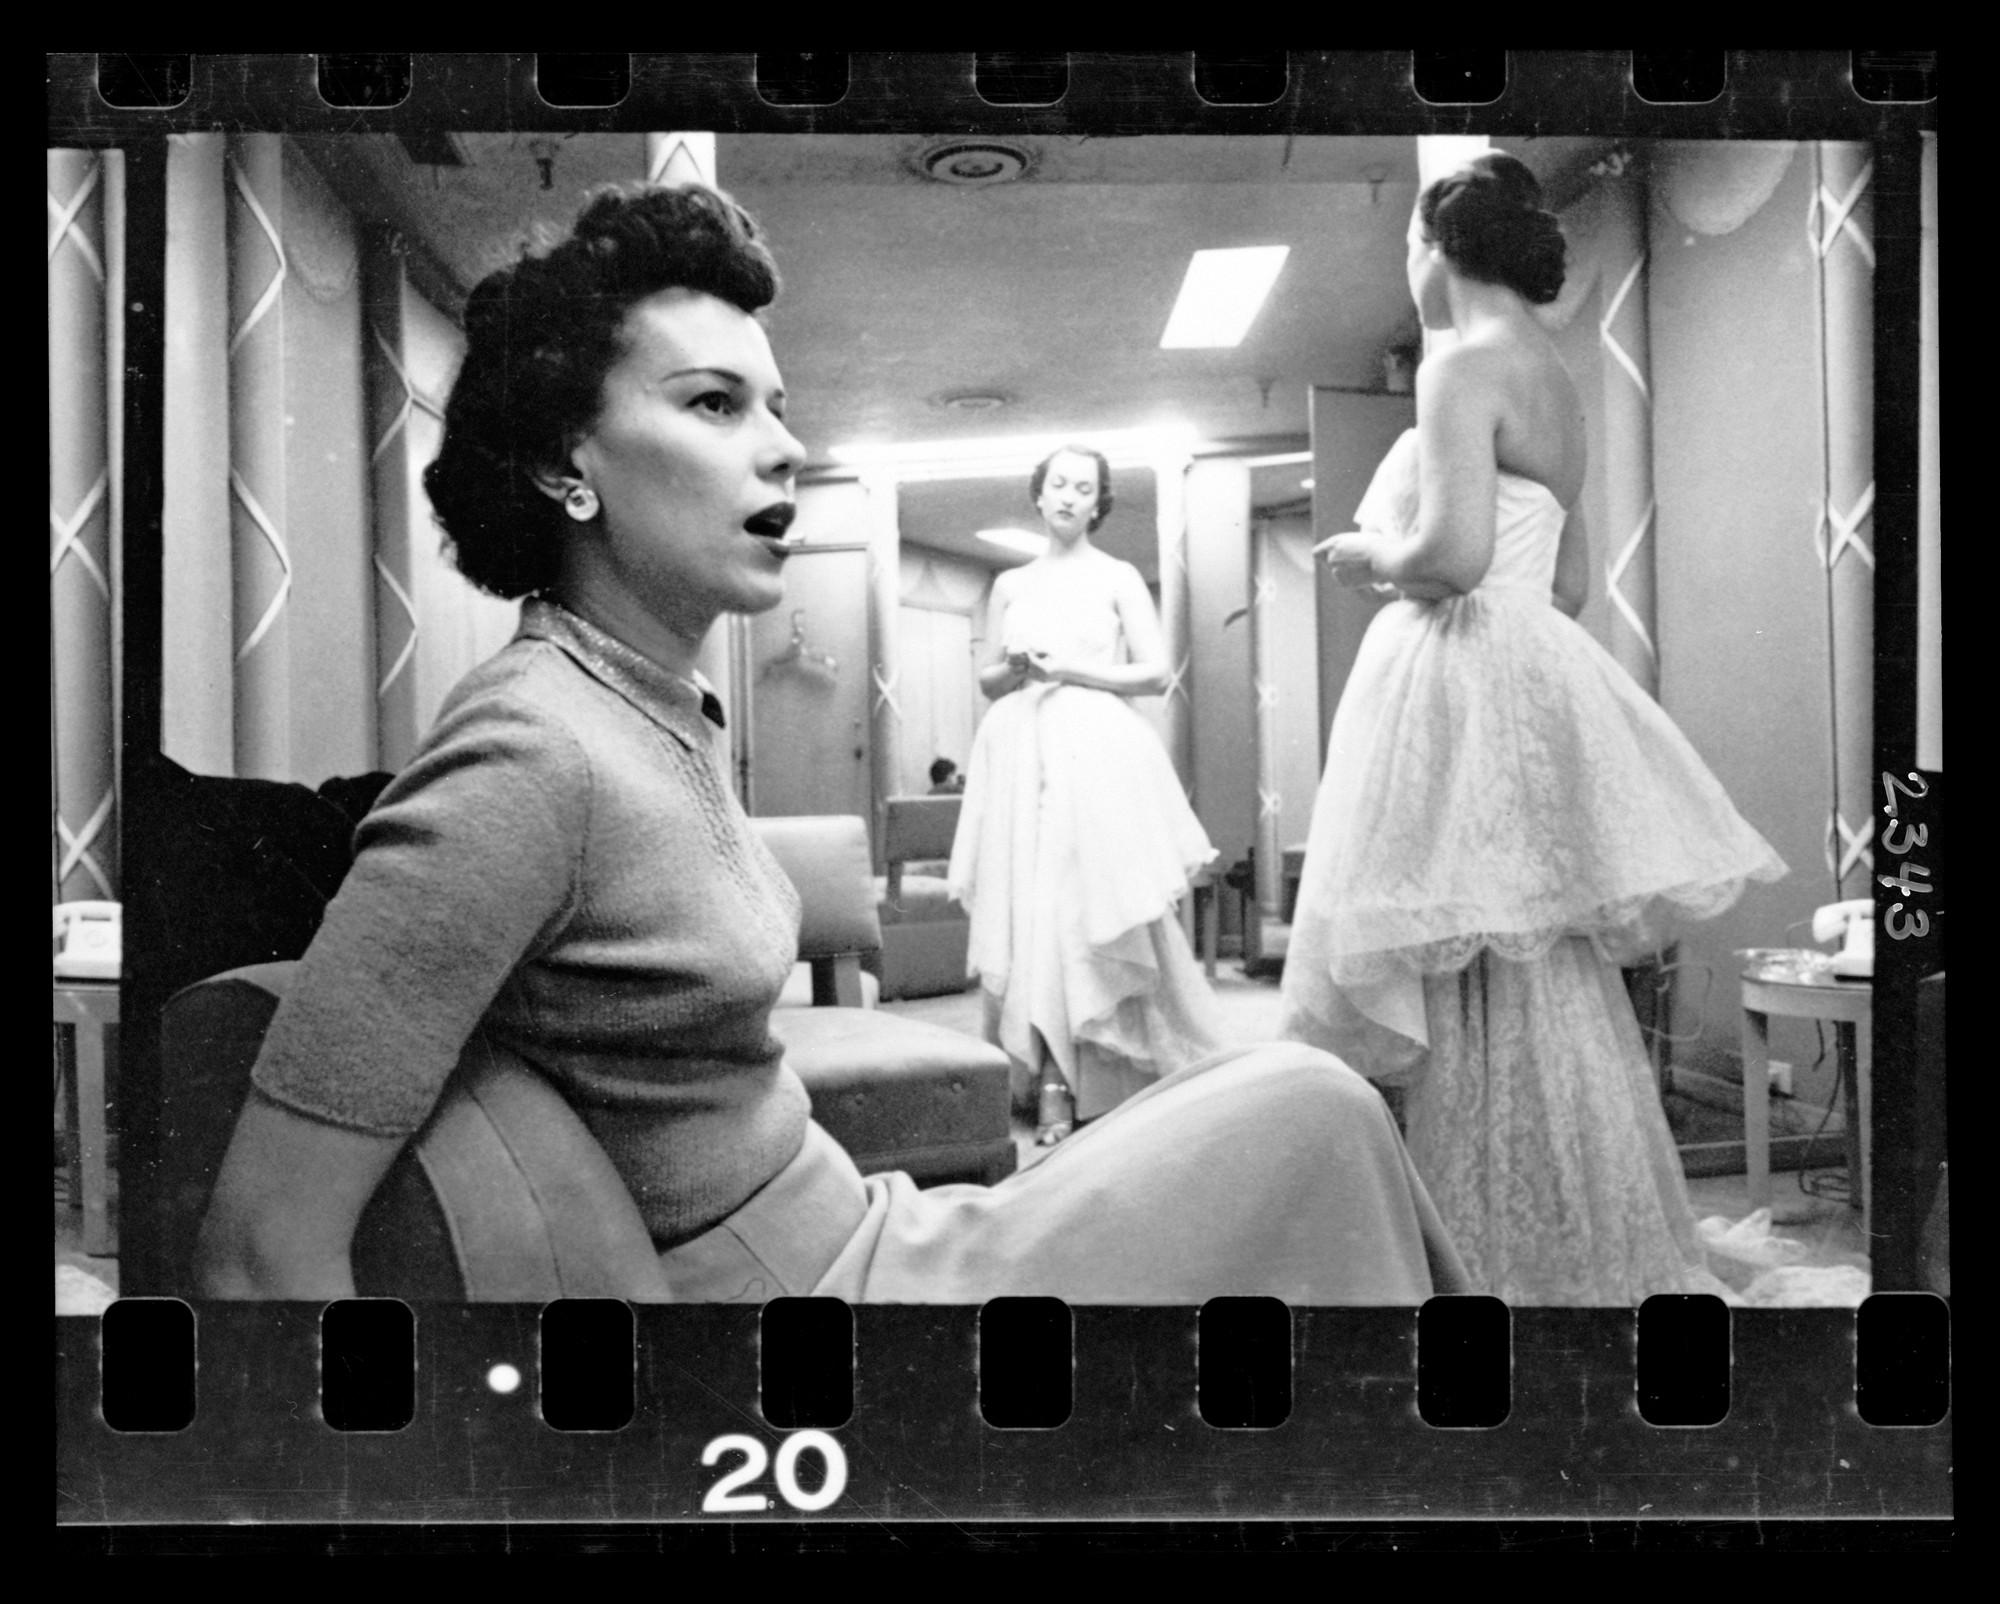 Η πρώτη καριέρα του Στάνλεϋ Κιούμπρικ ως φωτογράφος